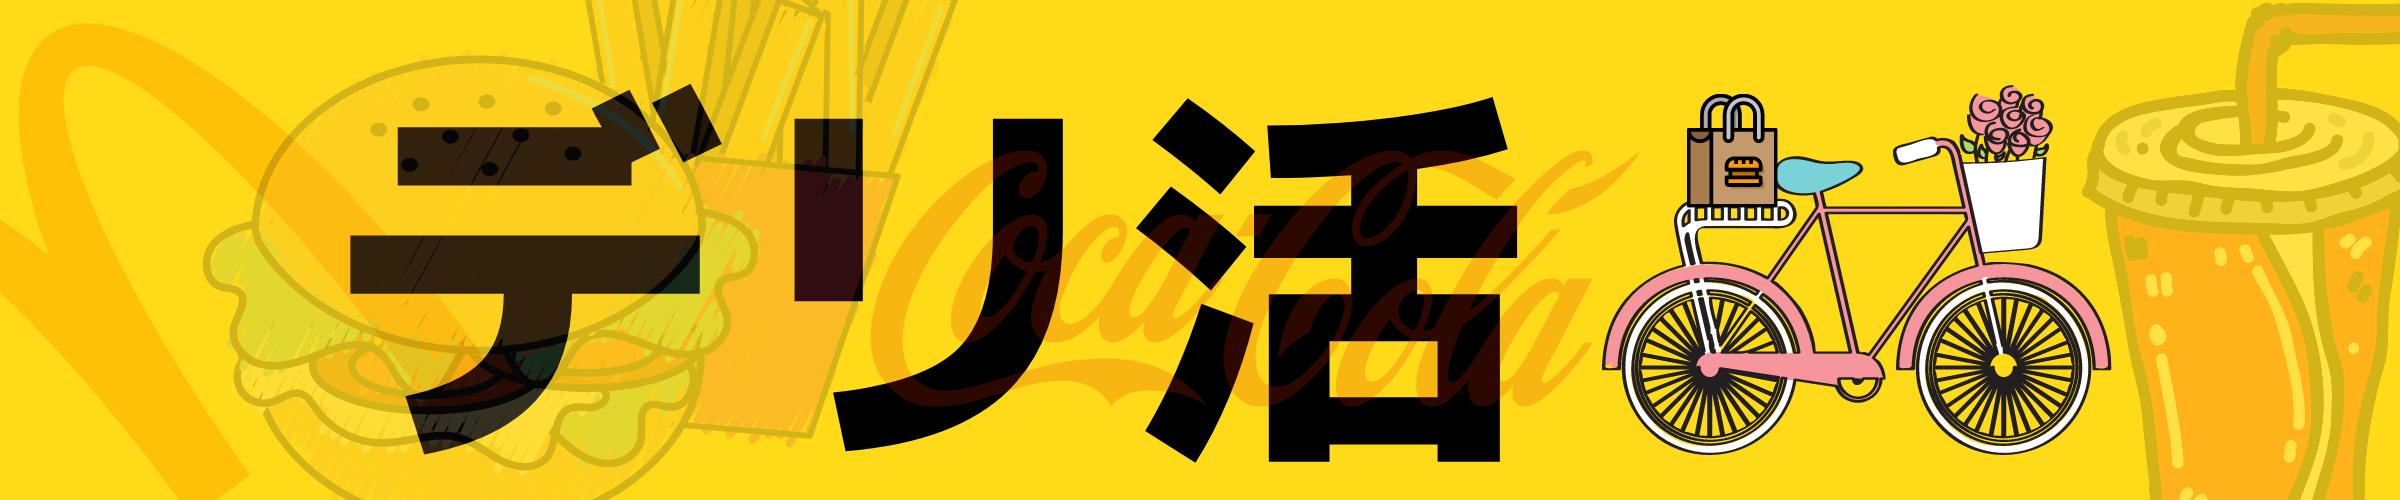 ウーバーイーツの給料・時給・収入解説【デリ活】